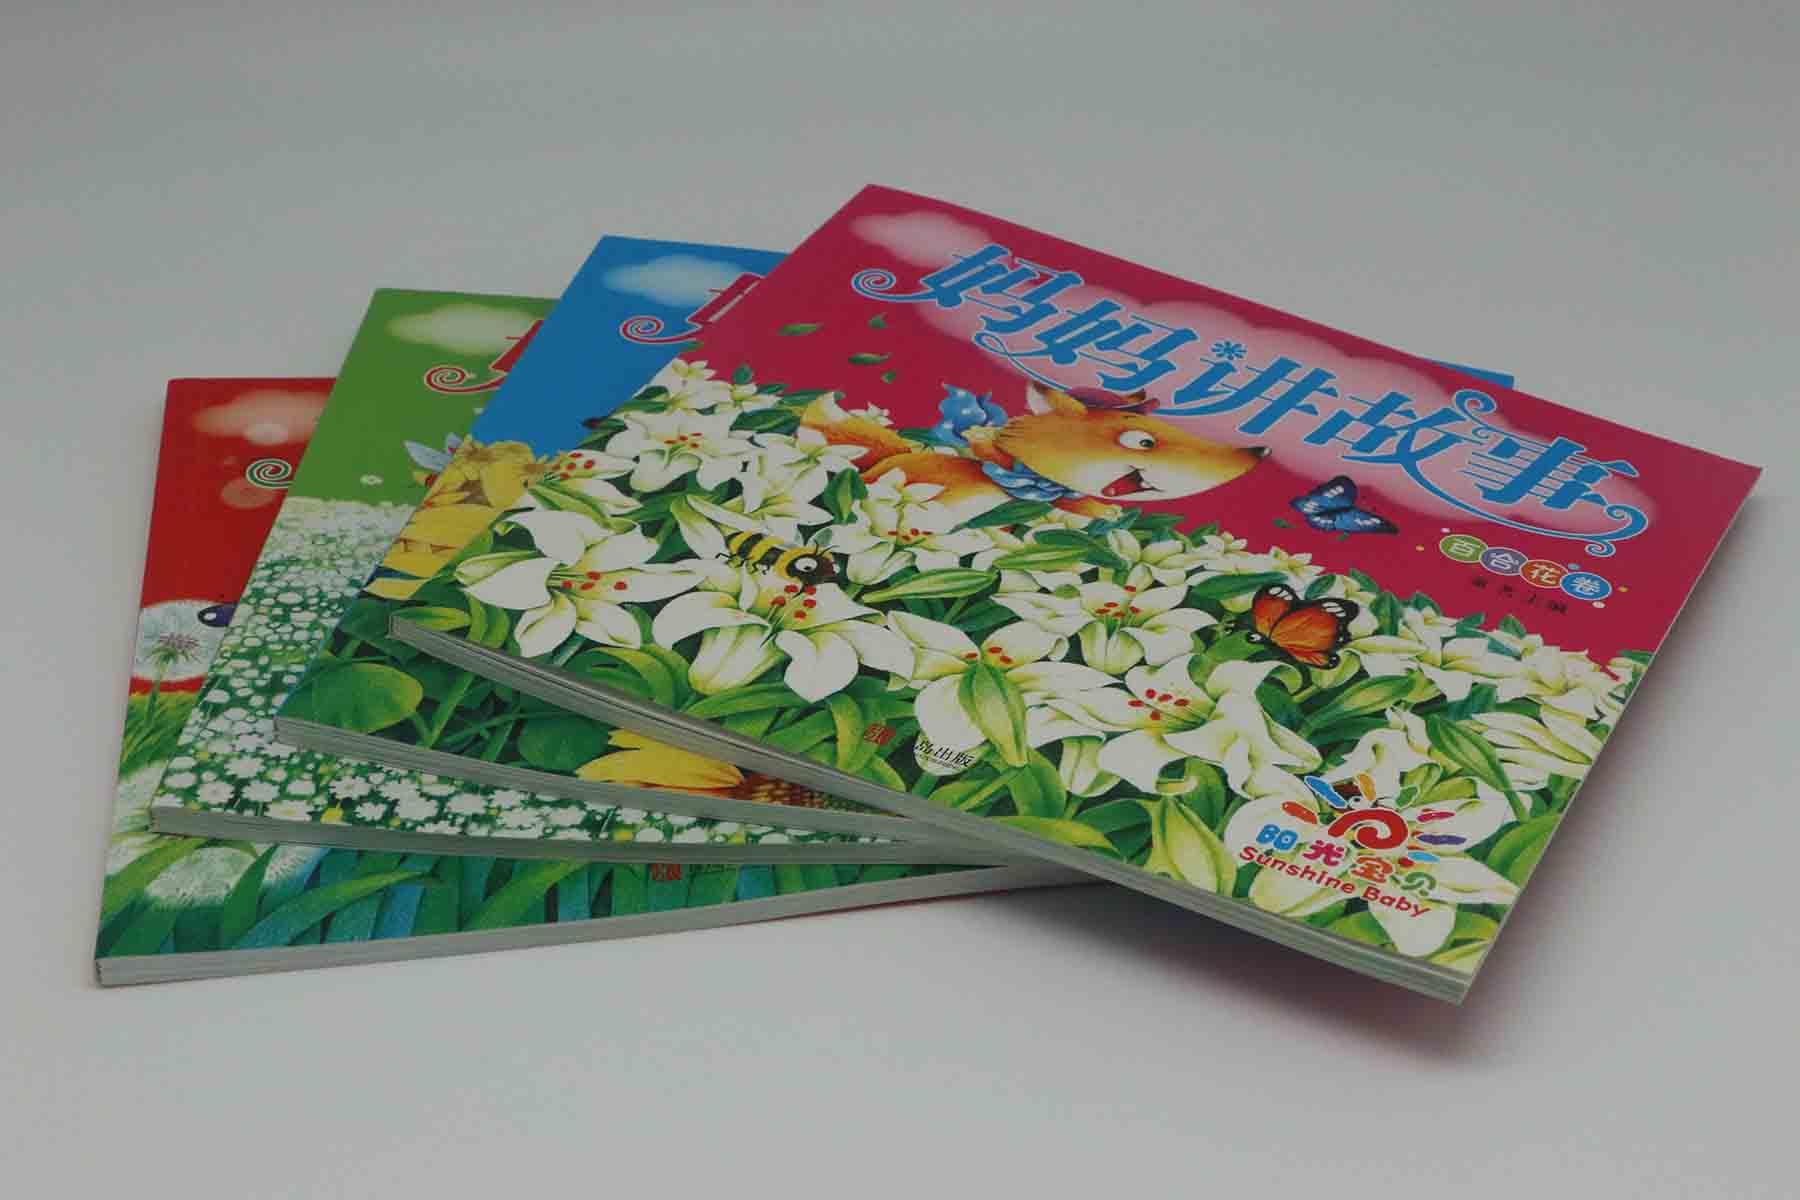 妈妈讲故事 平装儿童故事书印刷